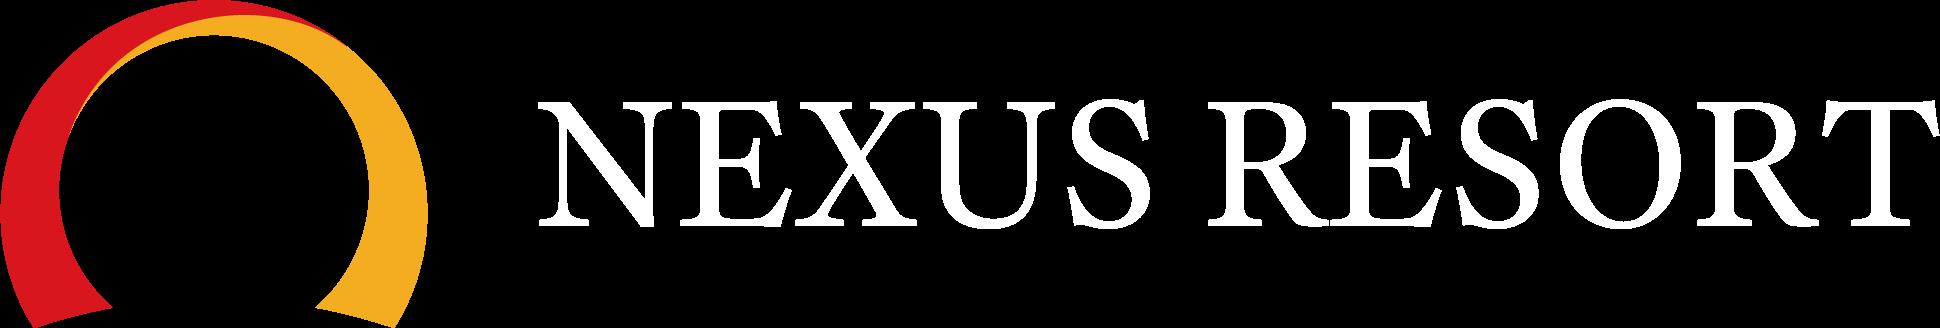 NEXUS RESORT